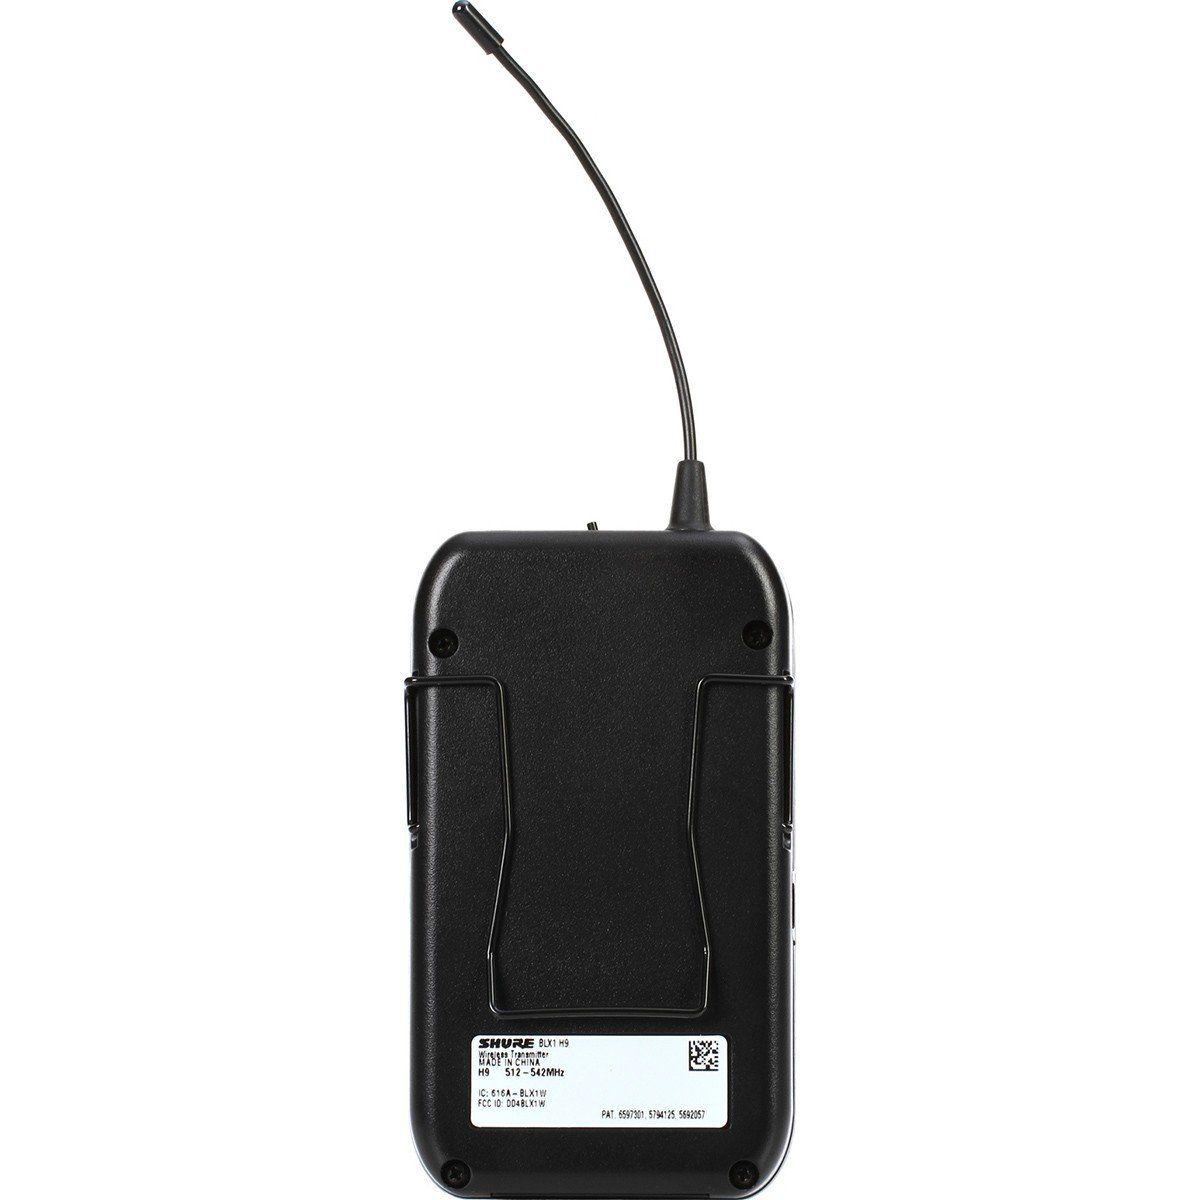 Shure BLX14/P31 Microfone Sem fio Shure-BLX14/P31 para Igrejas e Eventos